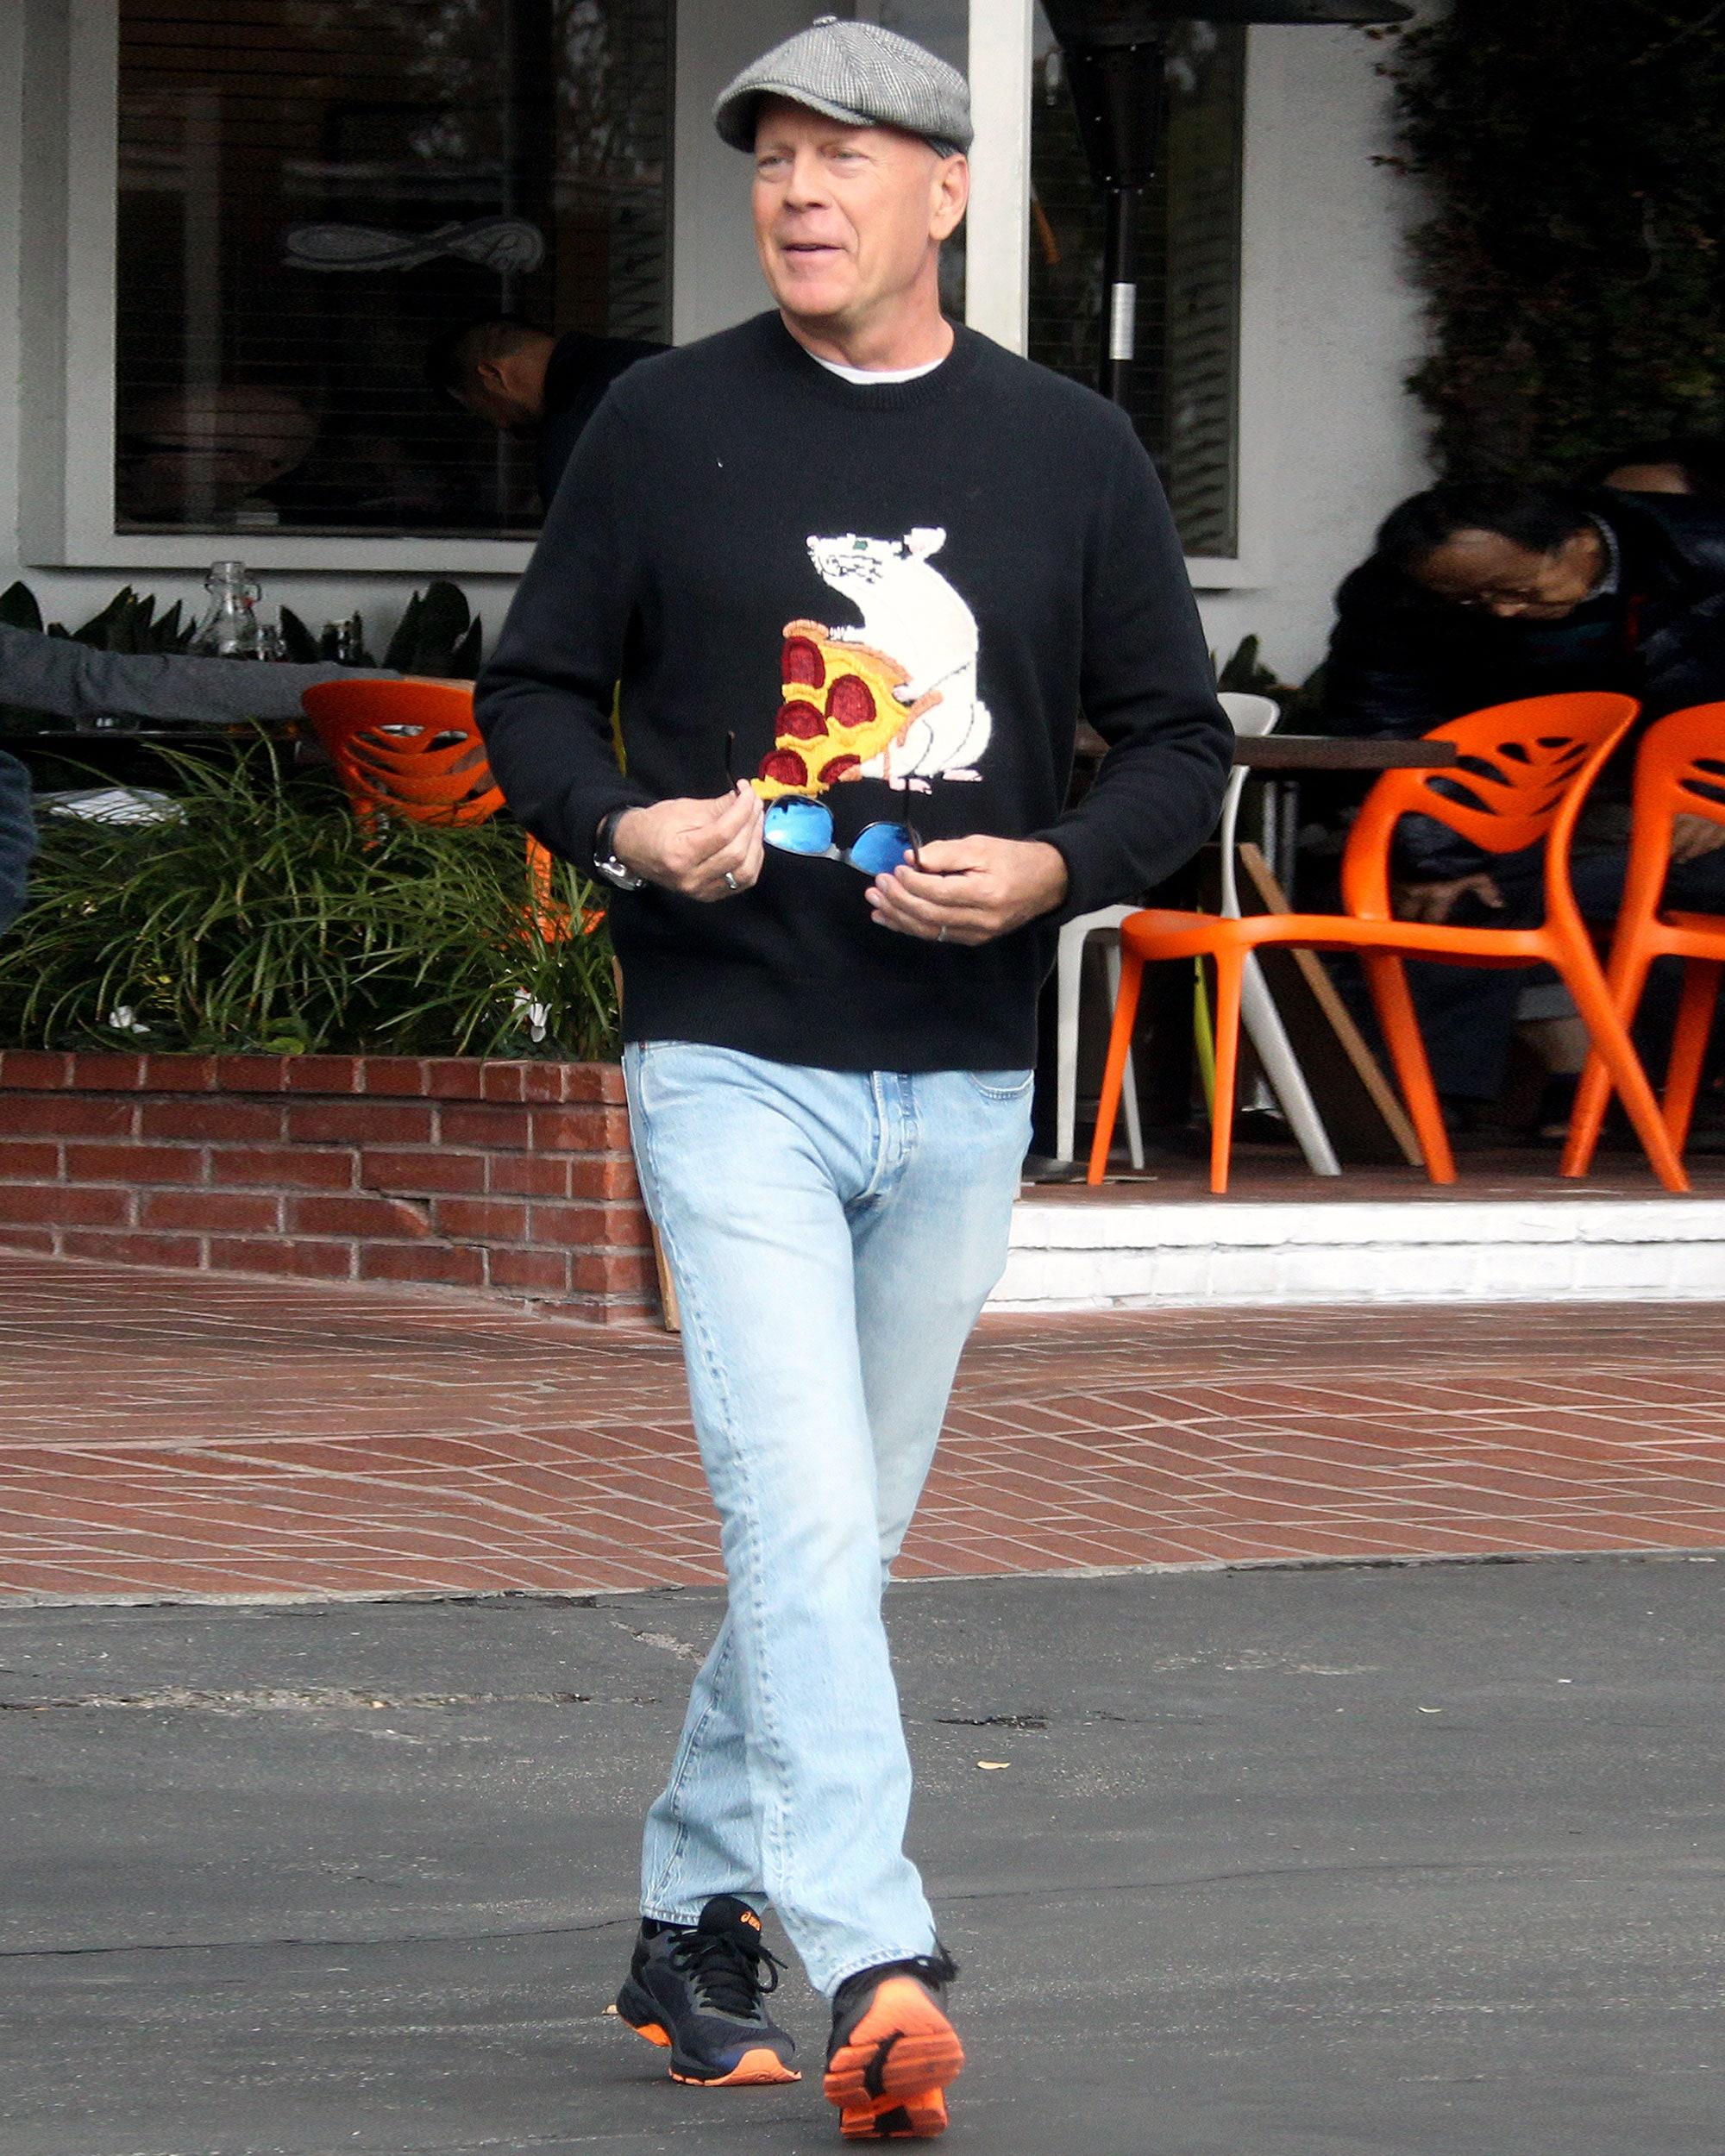 Брюса Уиллиса отказался обслуживать продавец в Лос-Анджелесе